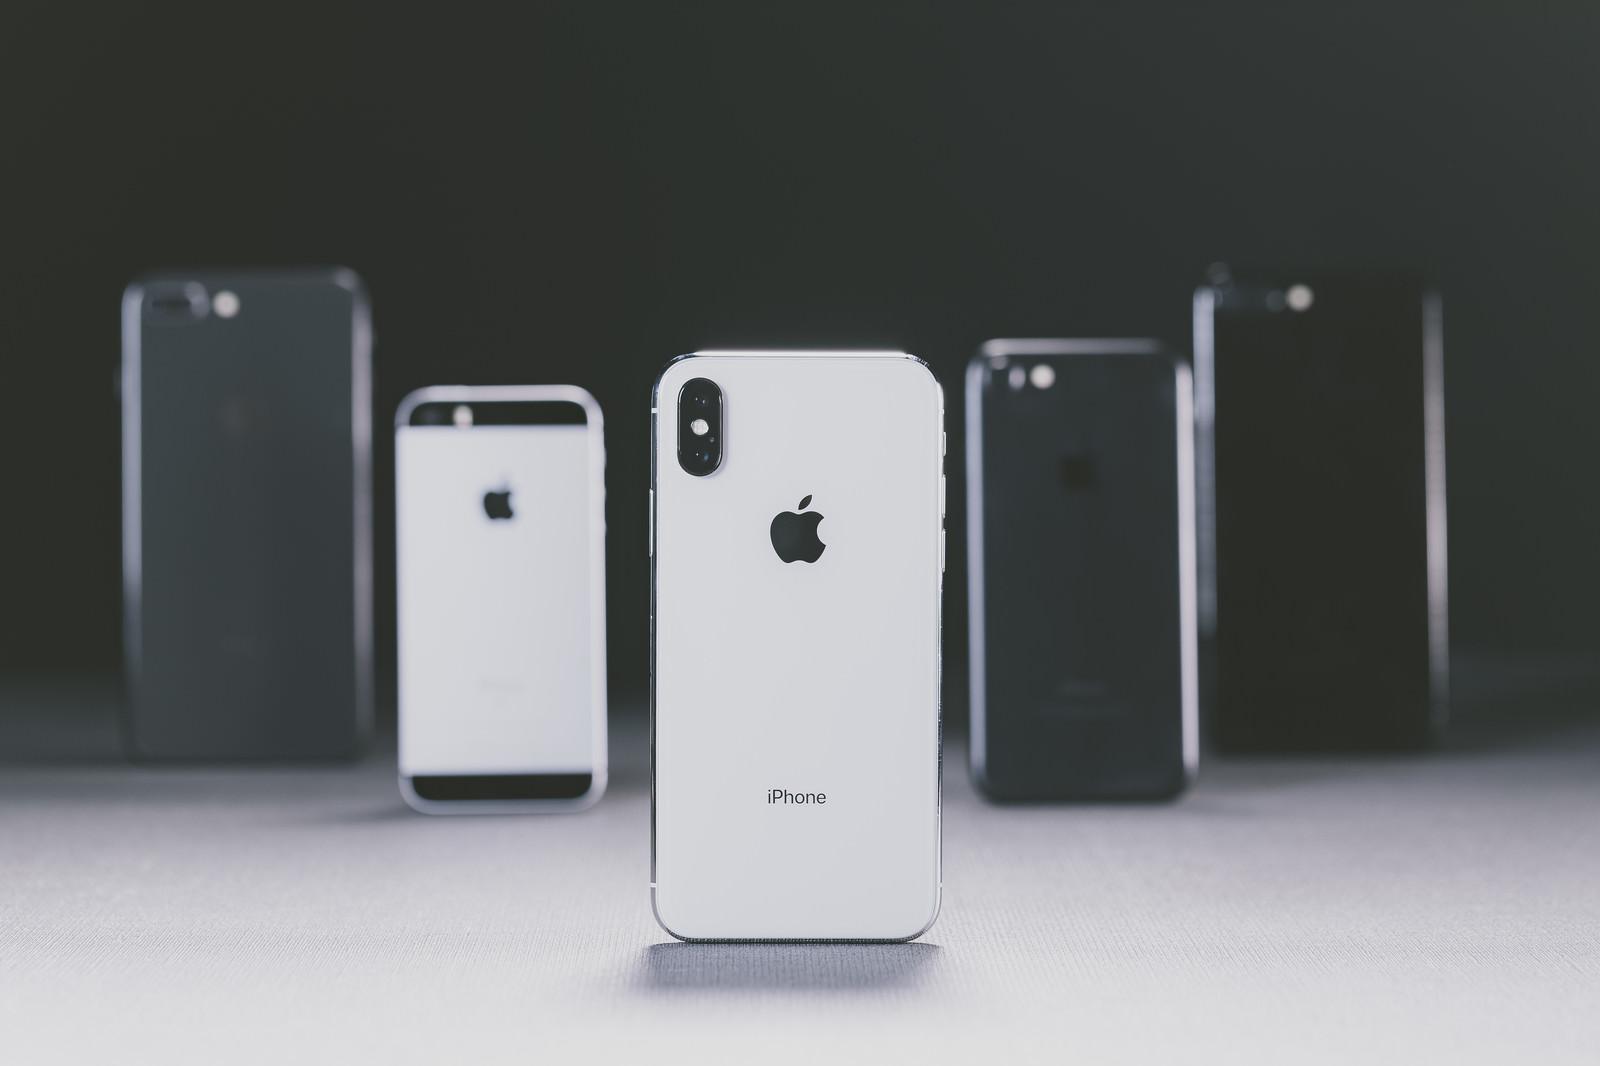 「iPhone X と並べられた別モデルの iPhone」の写真